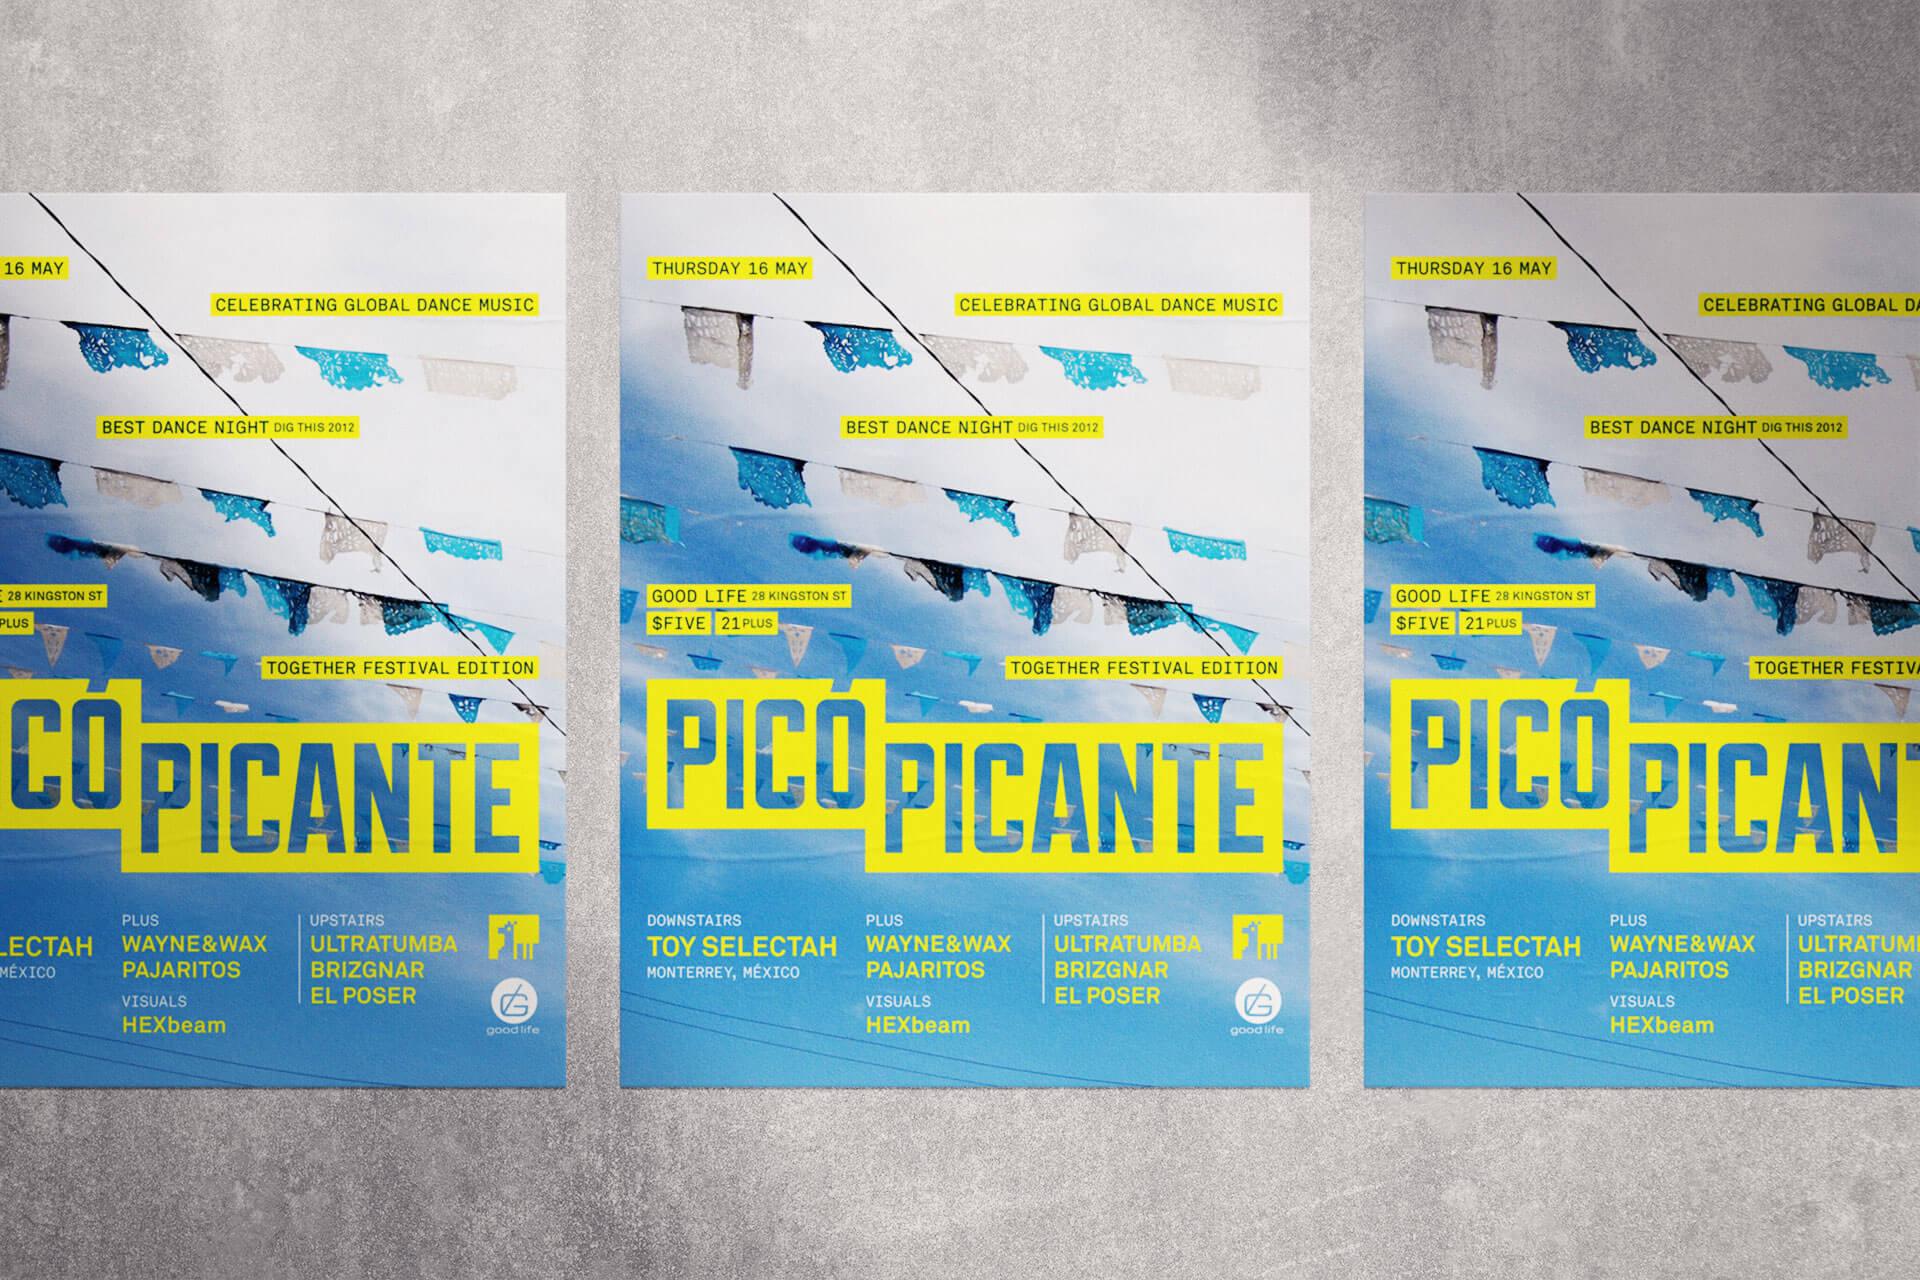 studio-malagon-pico-picante-poster-mockup-01